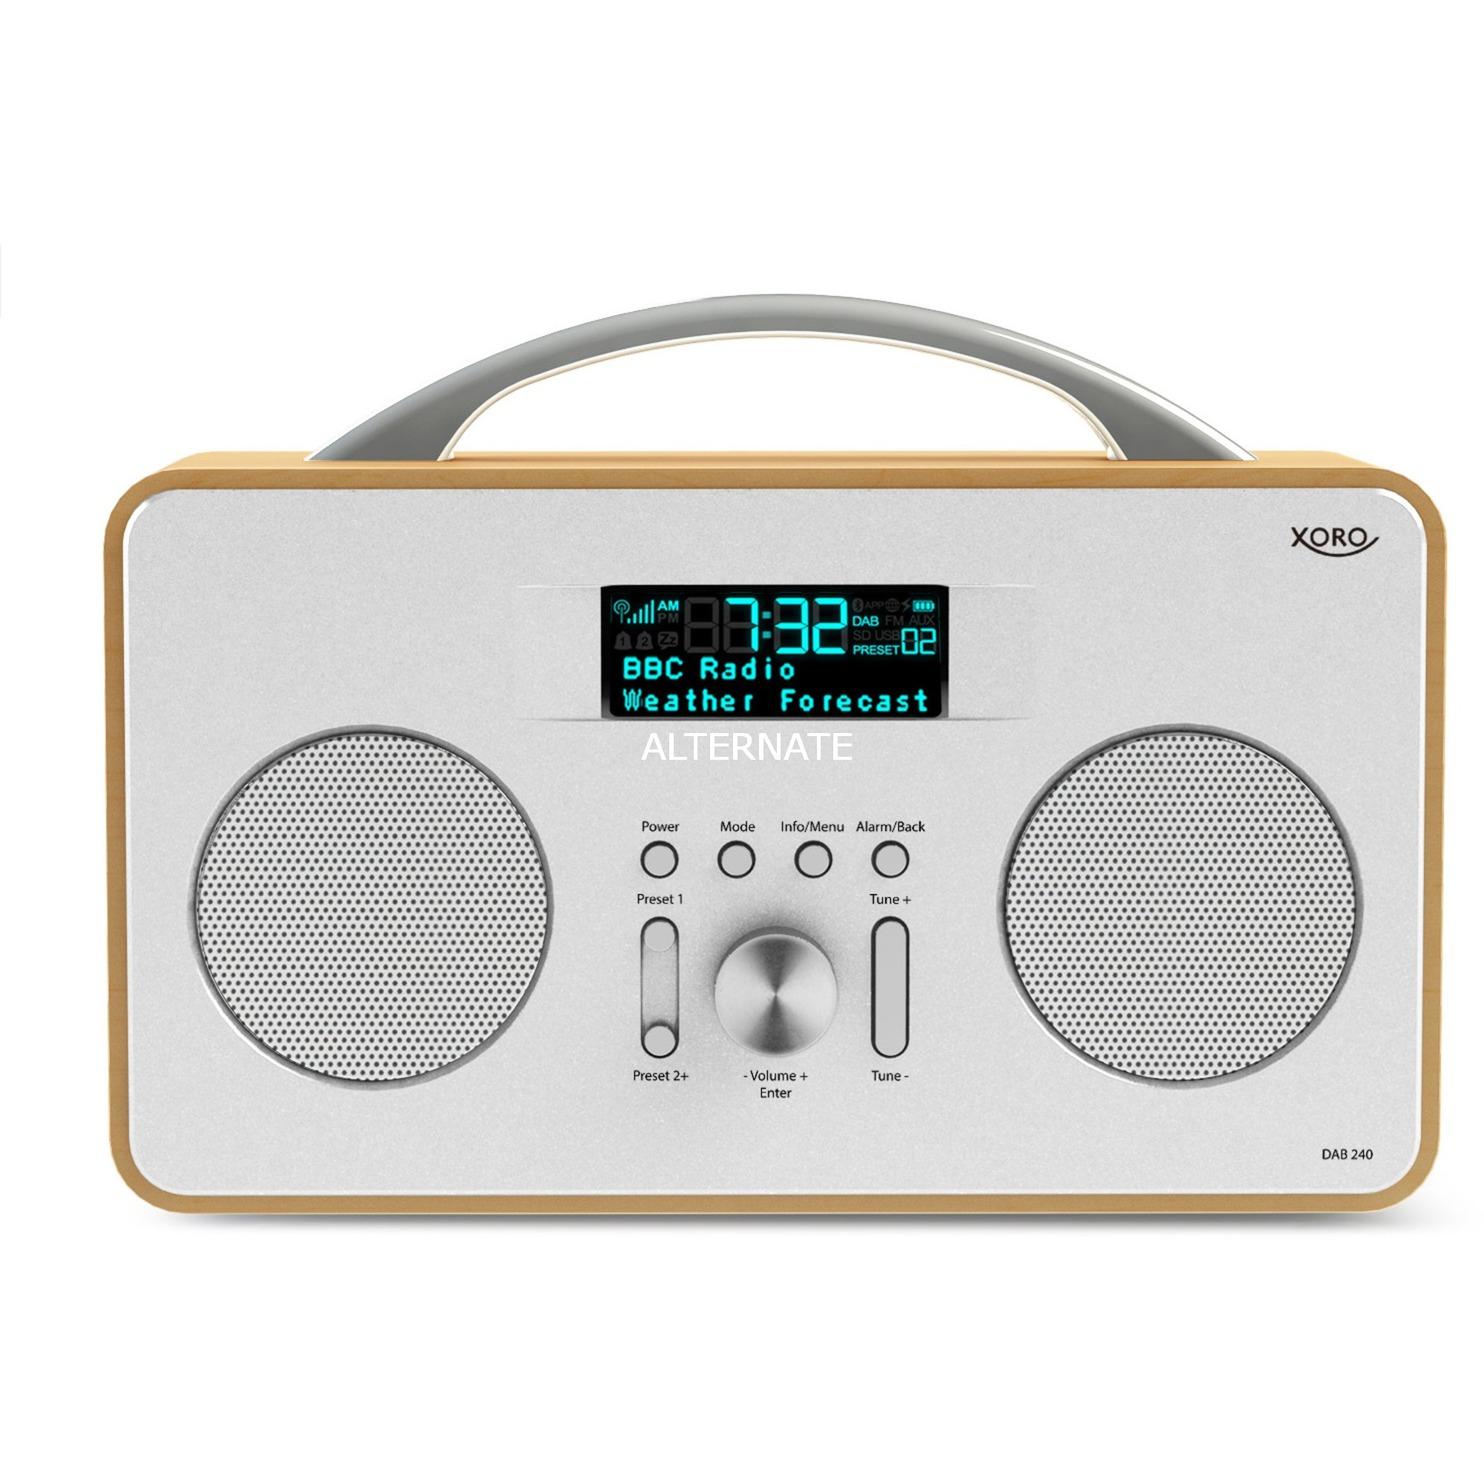 DAB 240, Radio